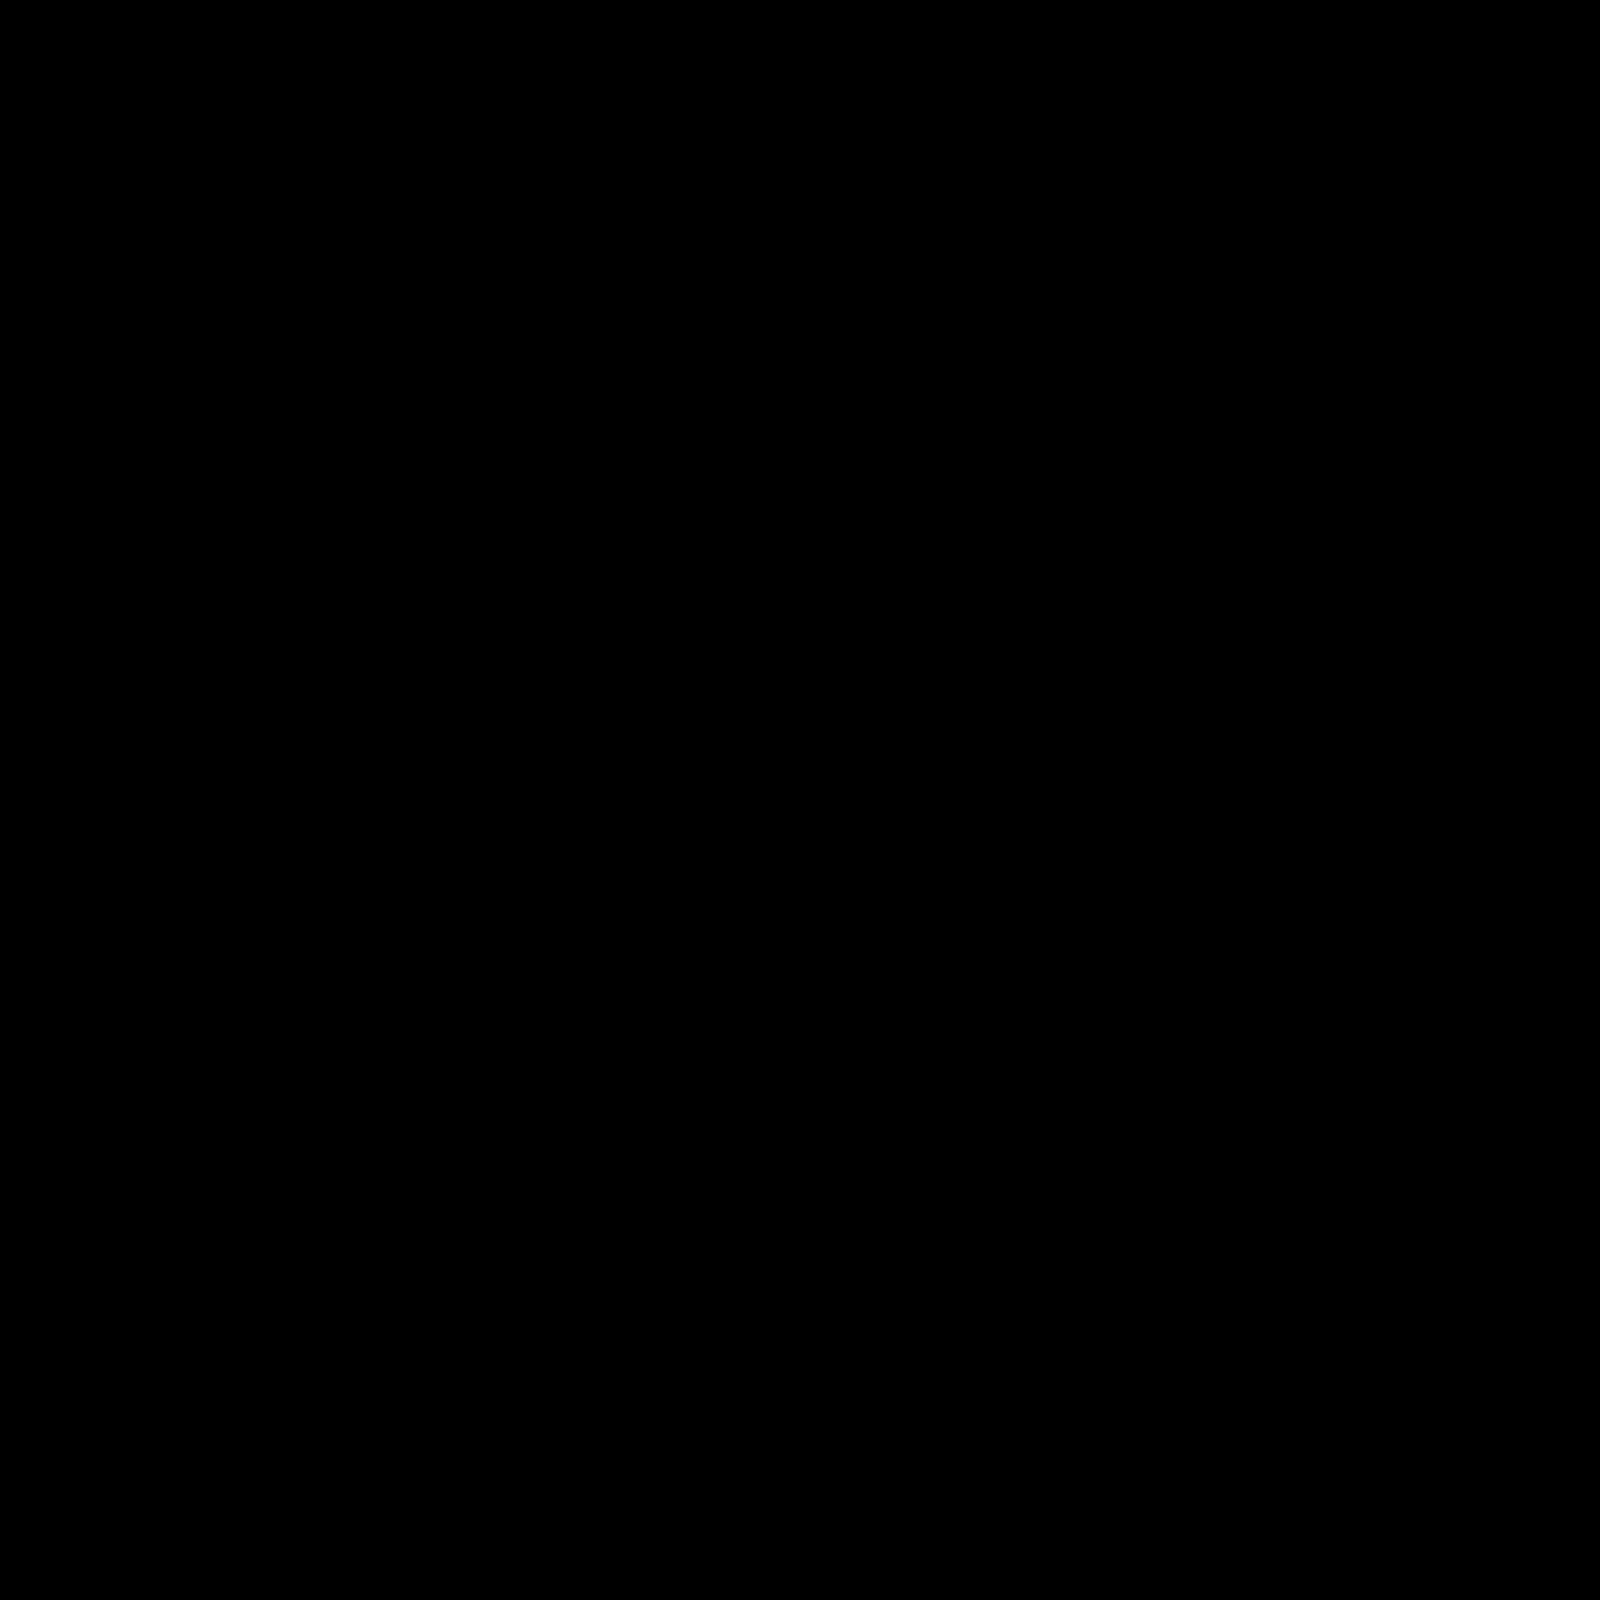 弾丸型カメラ icon. There is a cylinder placed along south west direction. There is small circle on the base that towards us. Now consider another cylinder which is divided into half by cutting along the vertical axis and one part of it is placed on top of the previous placed cylinder with curvature lying on top of it. There a small object like uppercase alphabet t placed at the rear end of the cylinder.